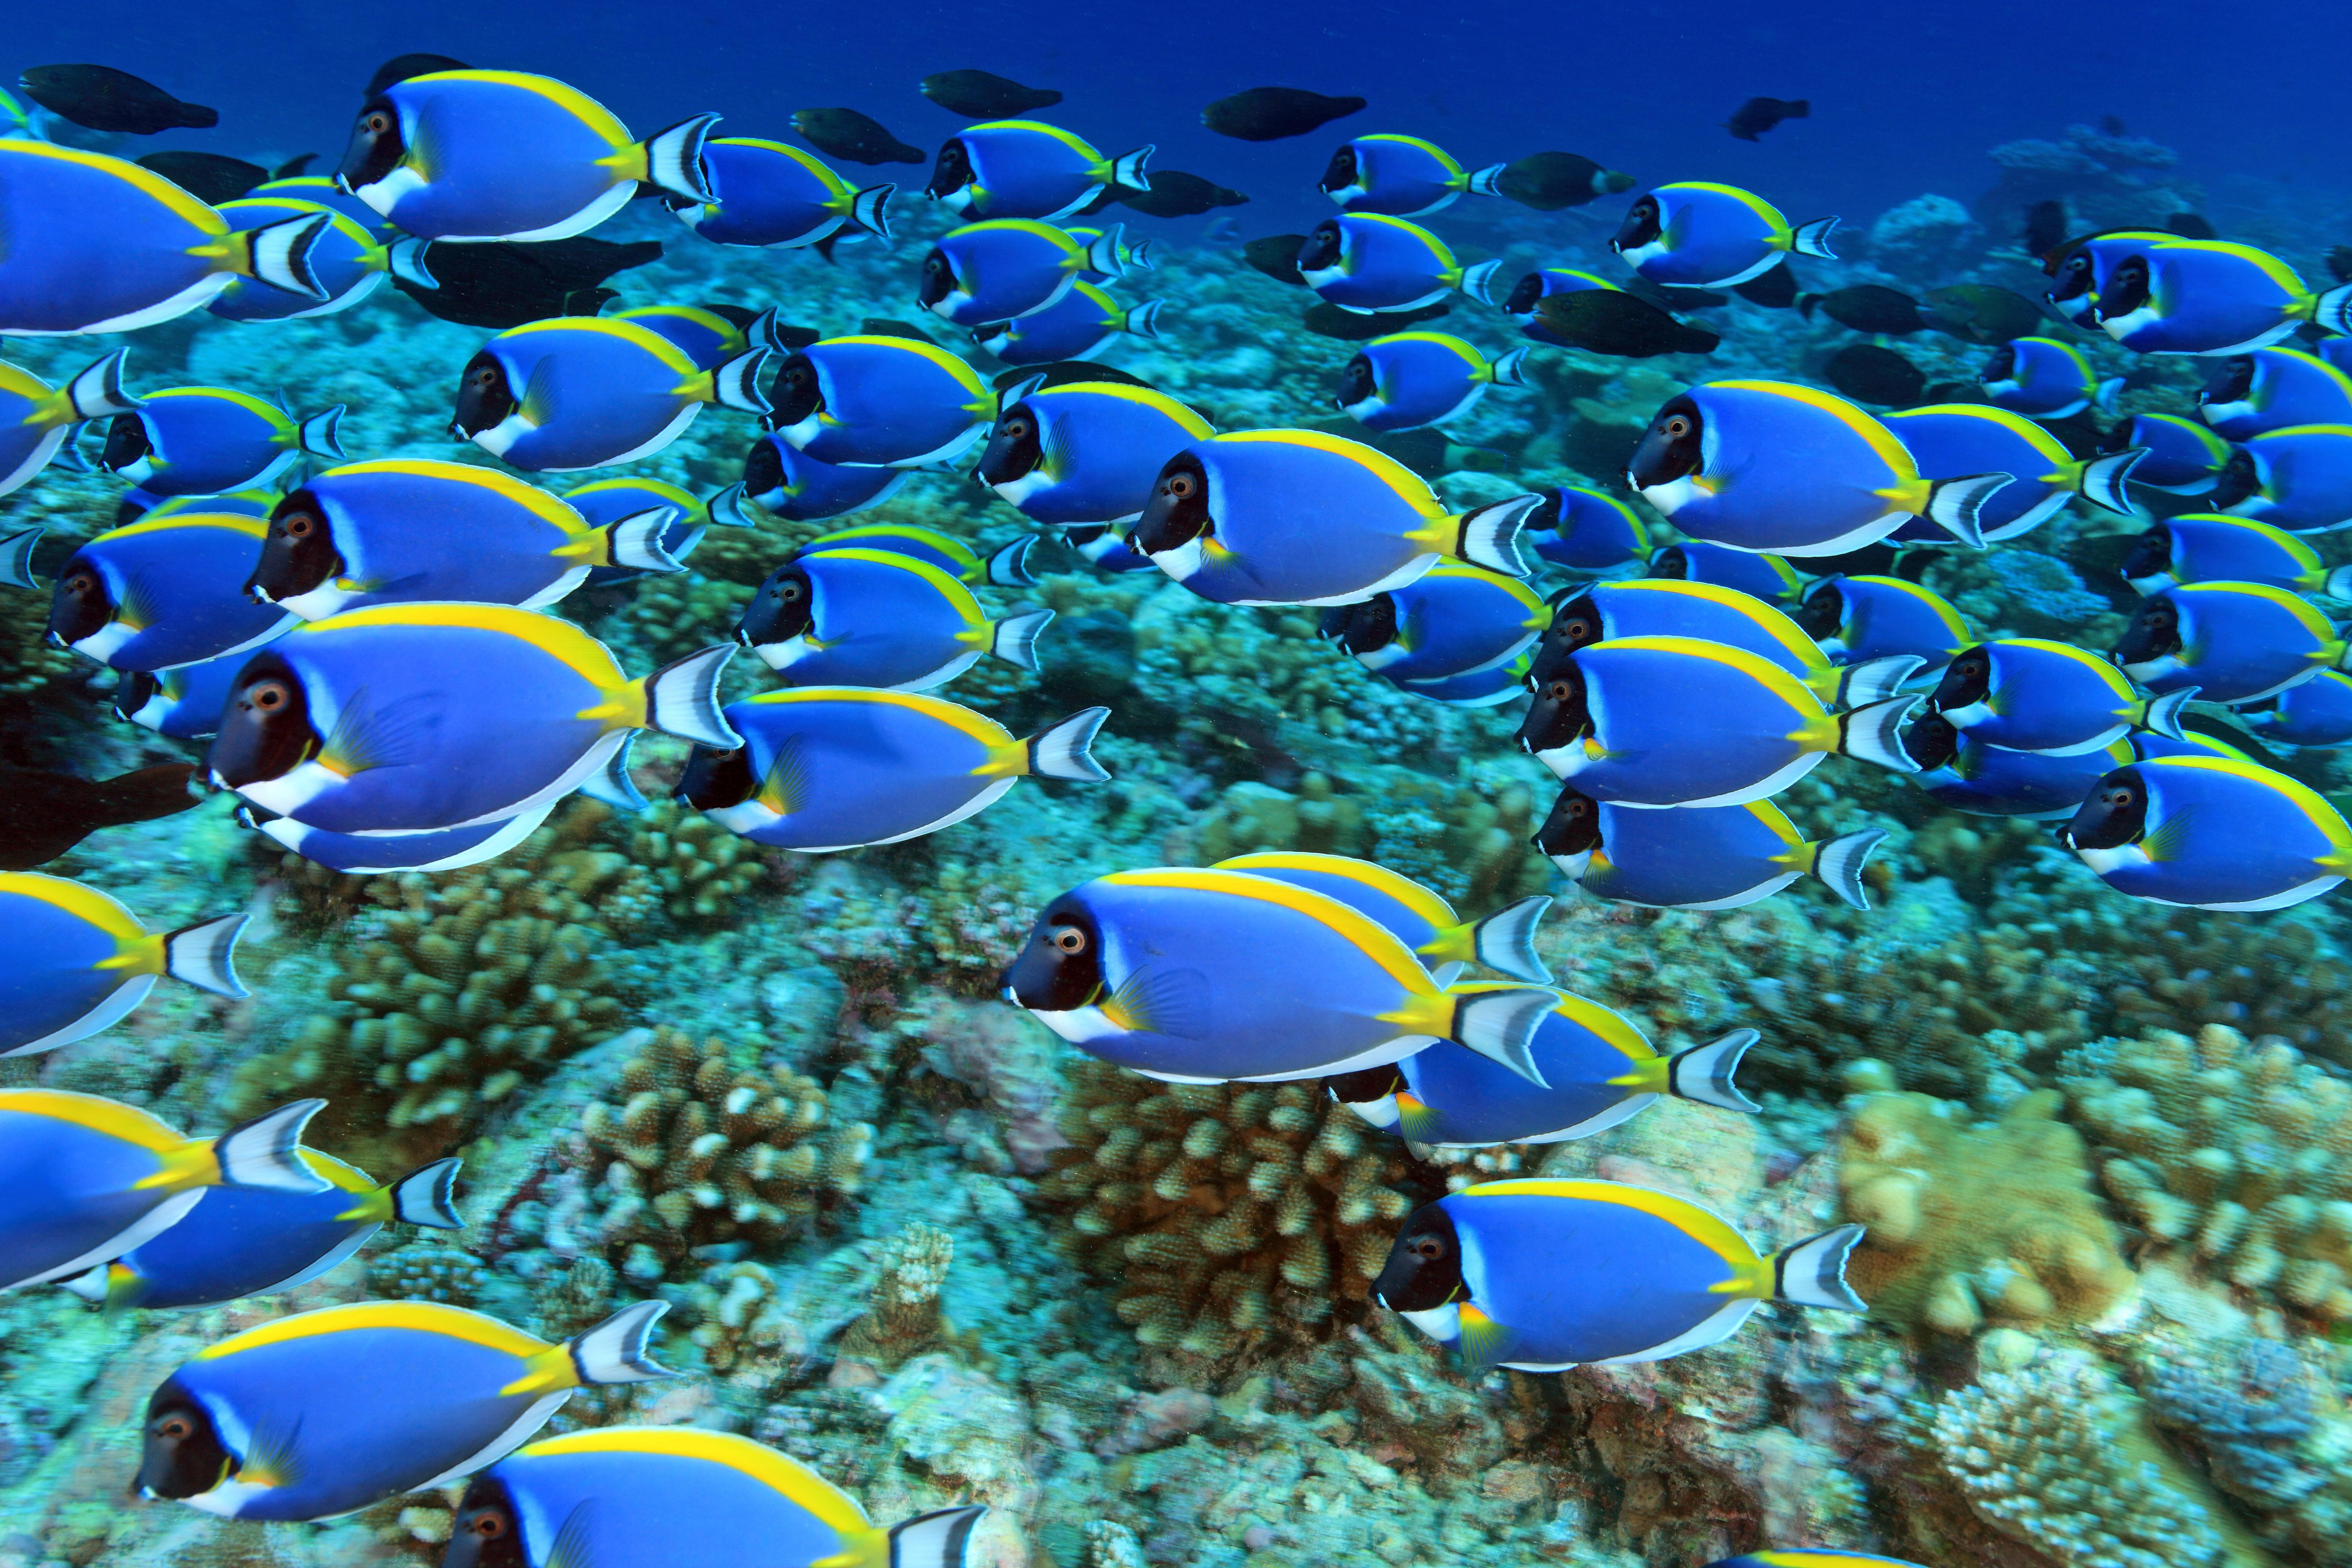 Sauerstoffverlust im Meer: Fische können nicht mehr atmen